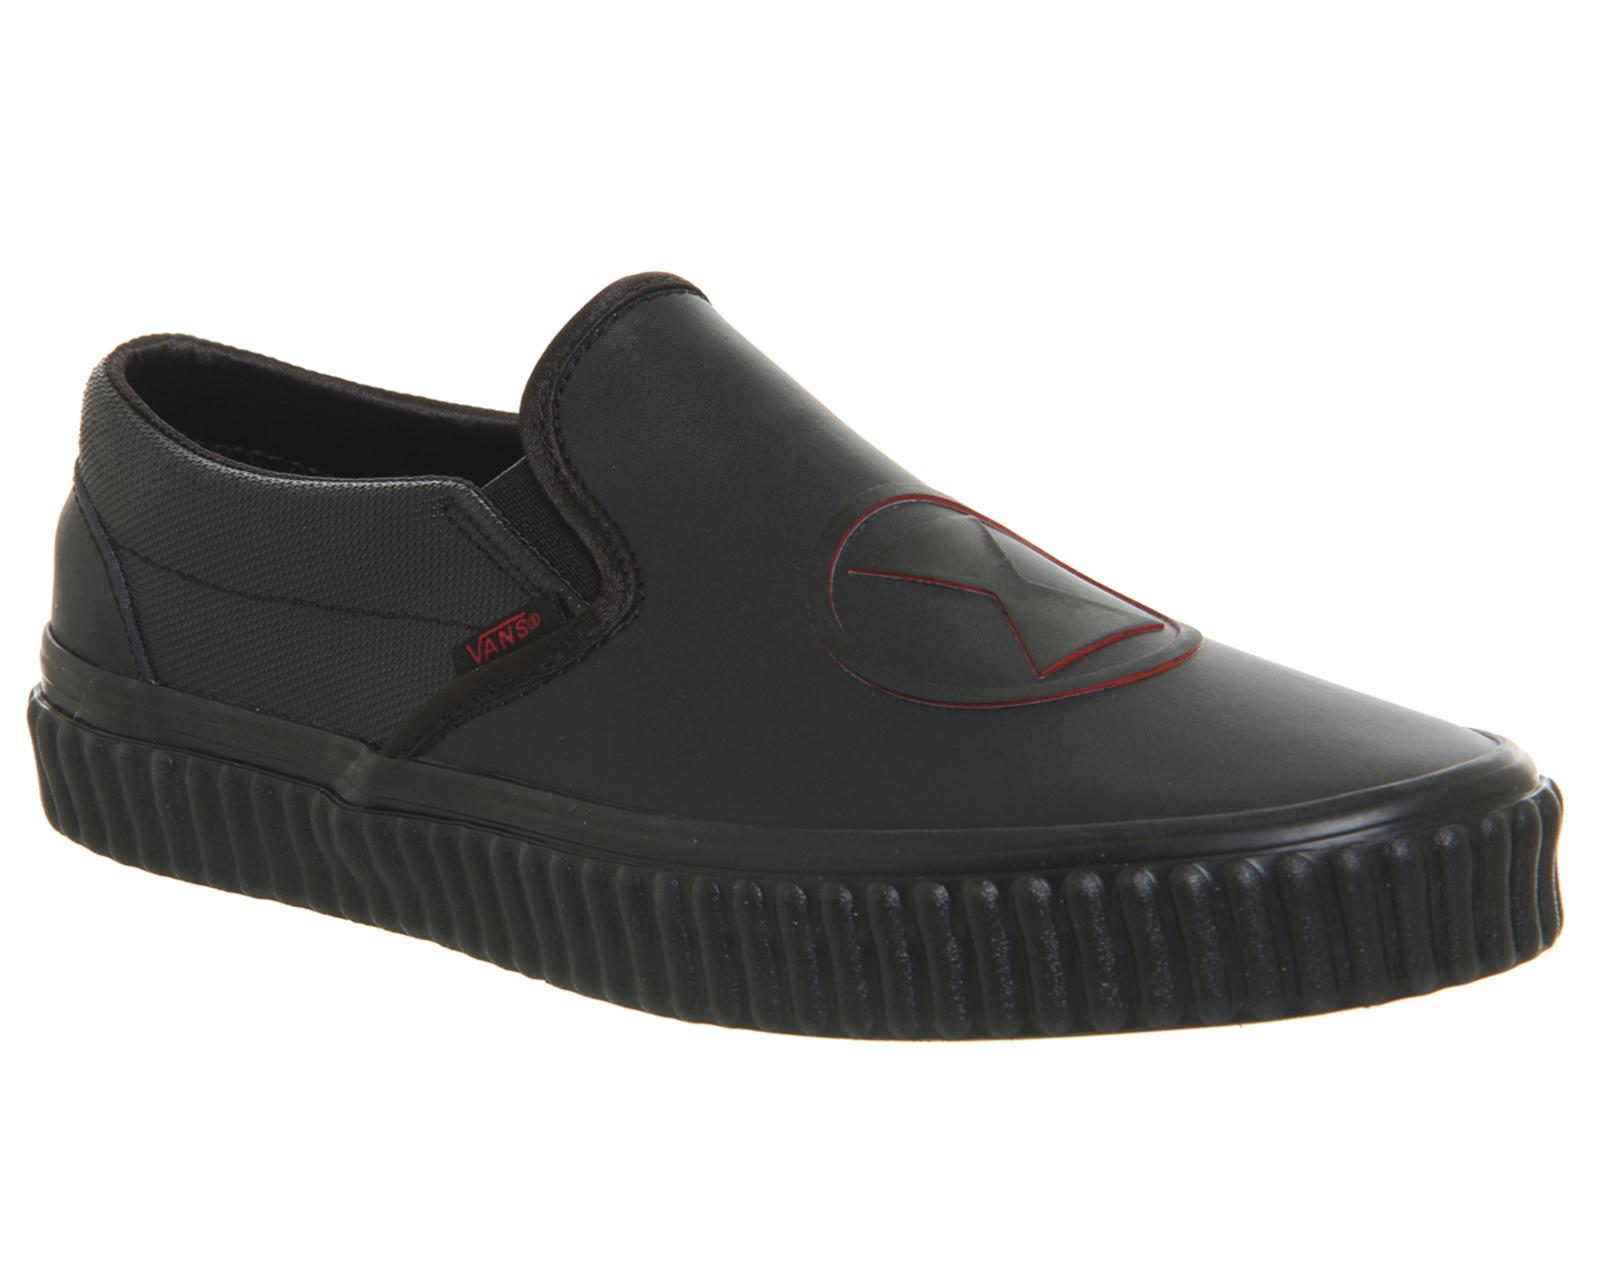 e3d429683f Details about Mens Vans Vans Classic Slip Ons BLACK WIDOW MARVEL Trainers  Shoes